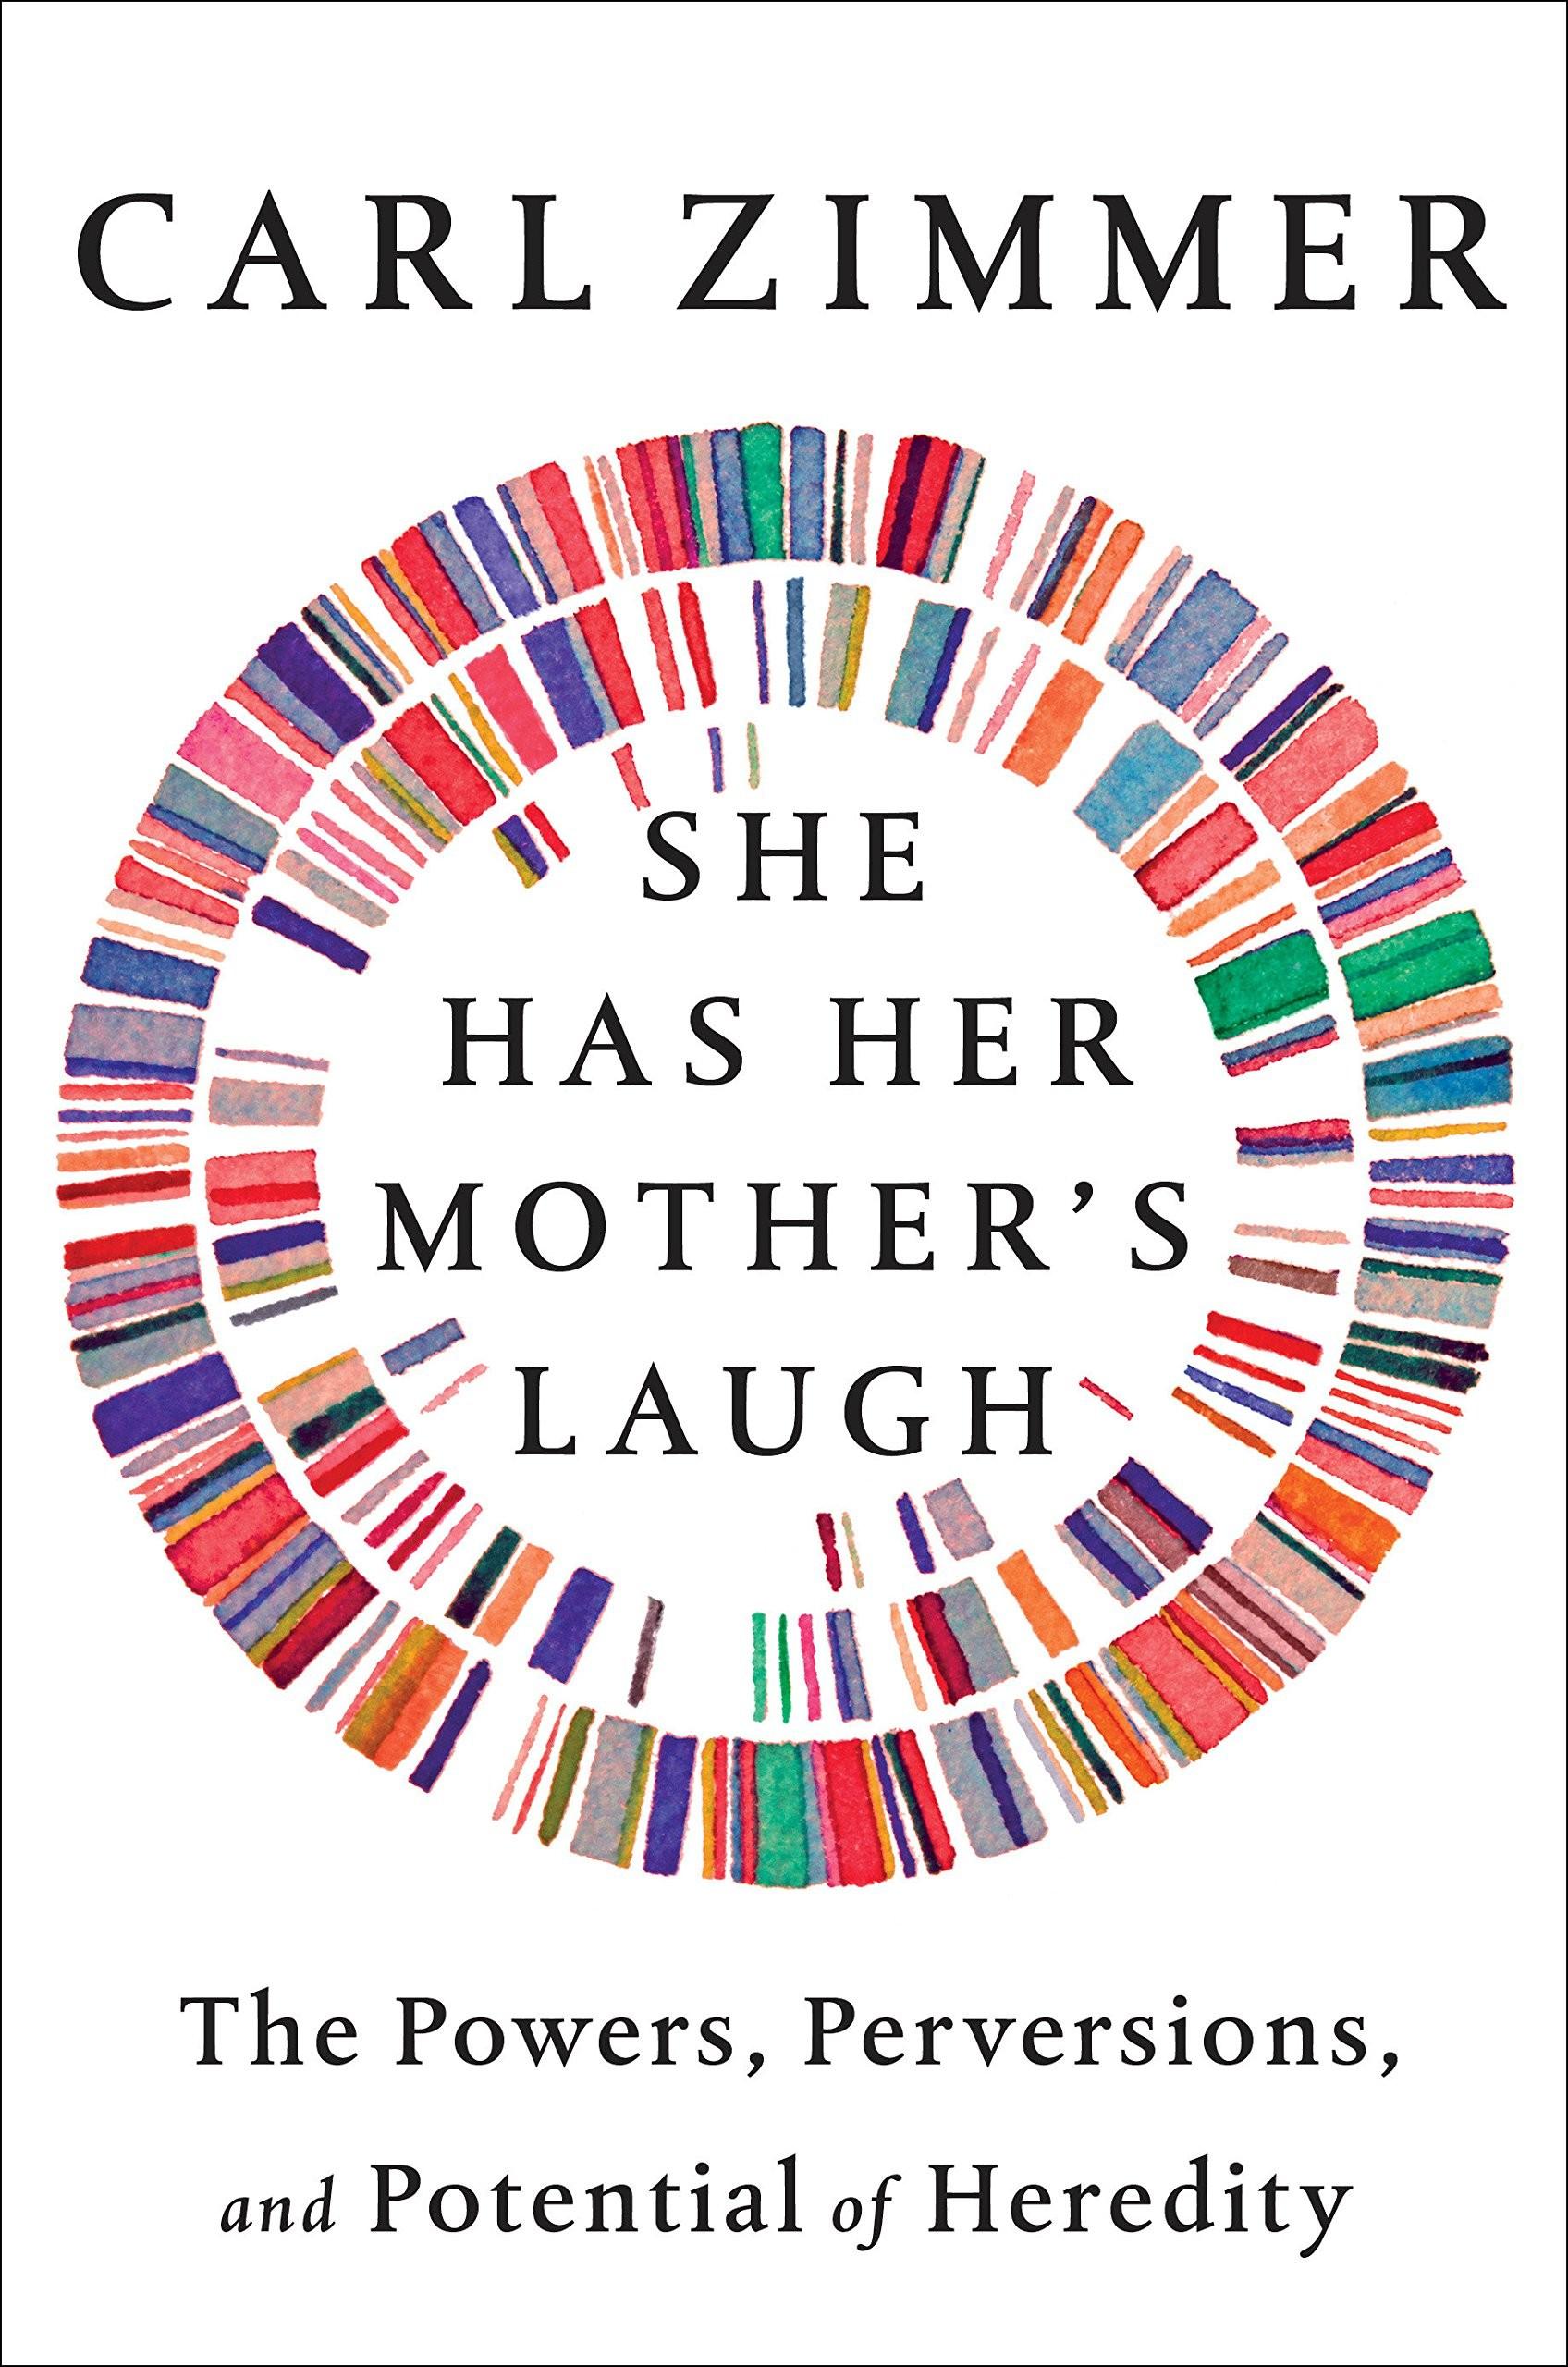 Herencia genética en el Día internacional del libro